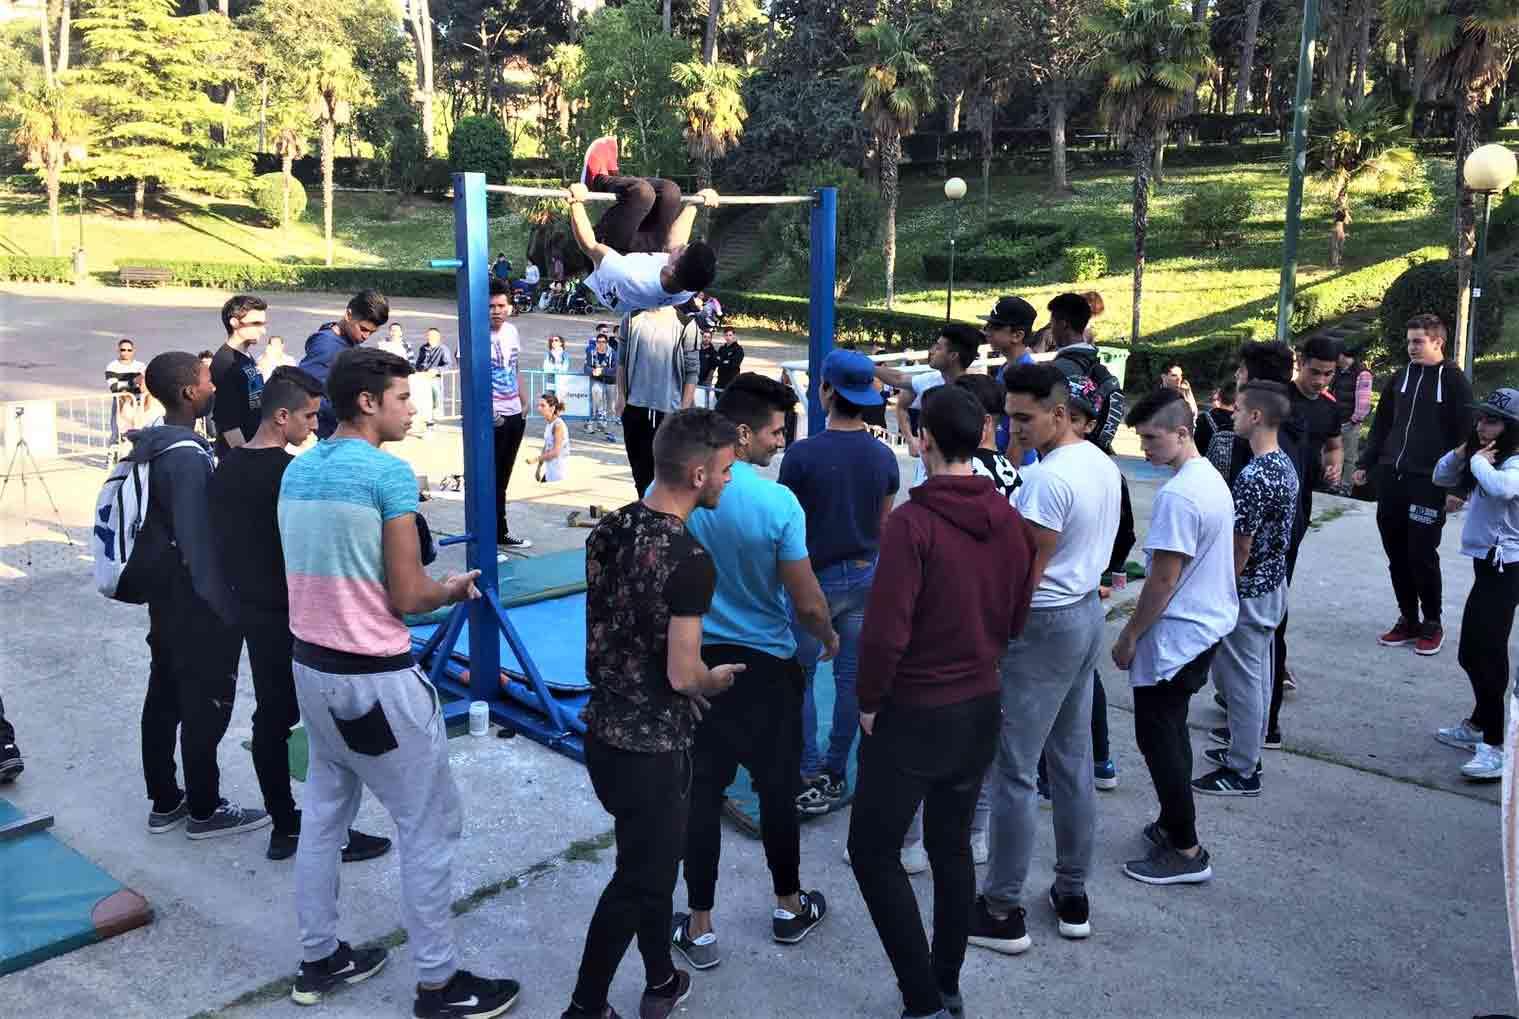 campeonato de calistenia y street workout en aragon